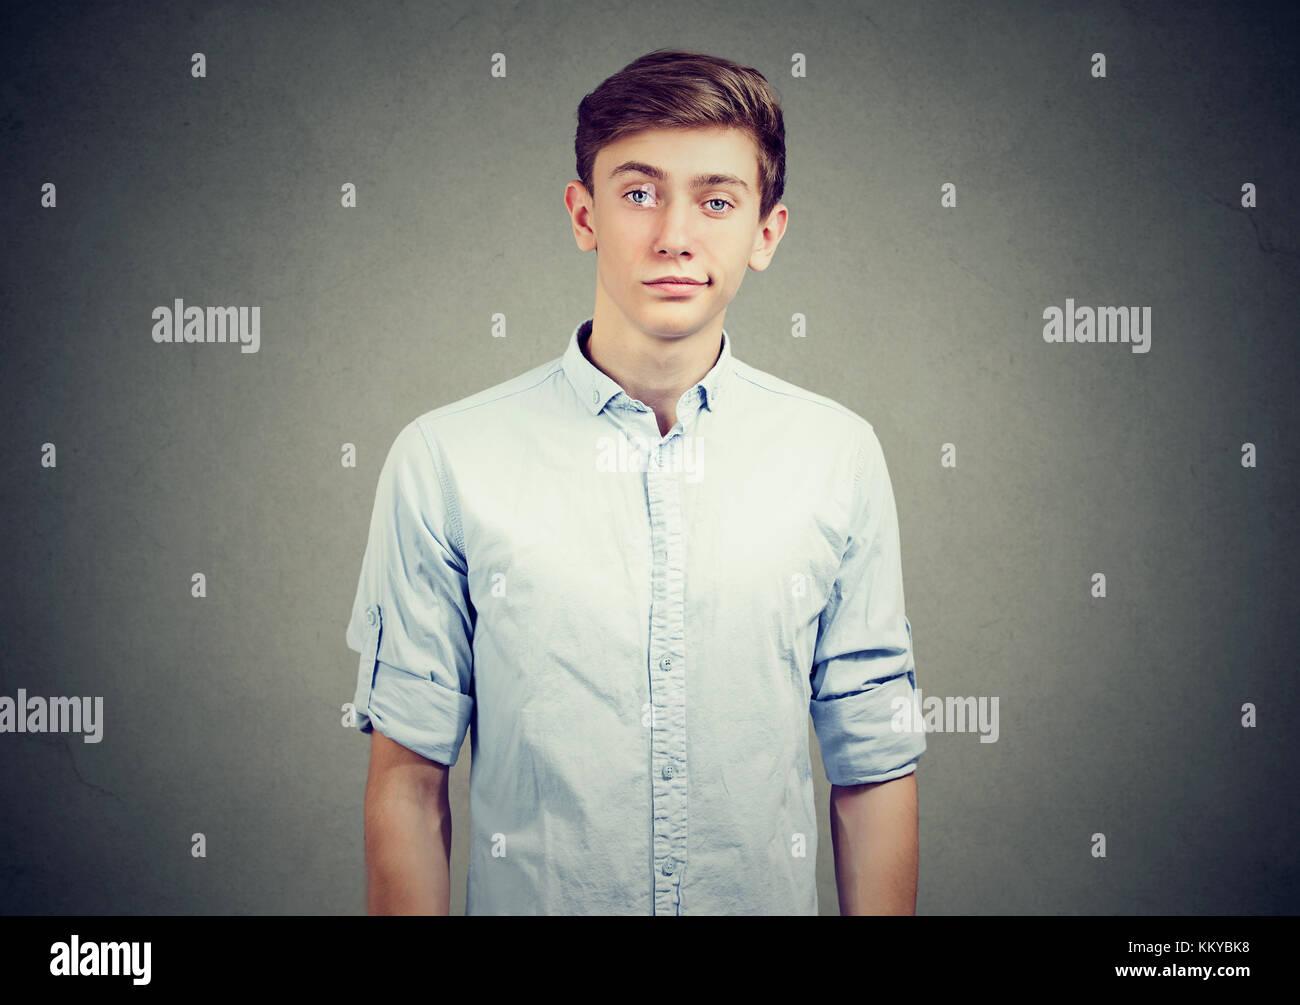 Retrato de escépticos joven busca sospechoso, con algún disgusto en su rostro mezclado con desaprobación Imagen De Stock